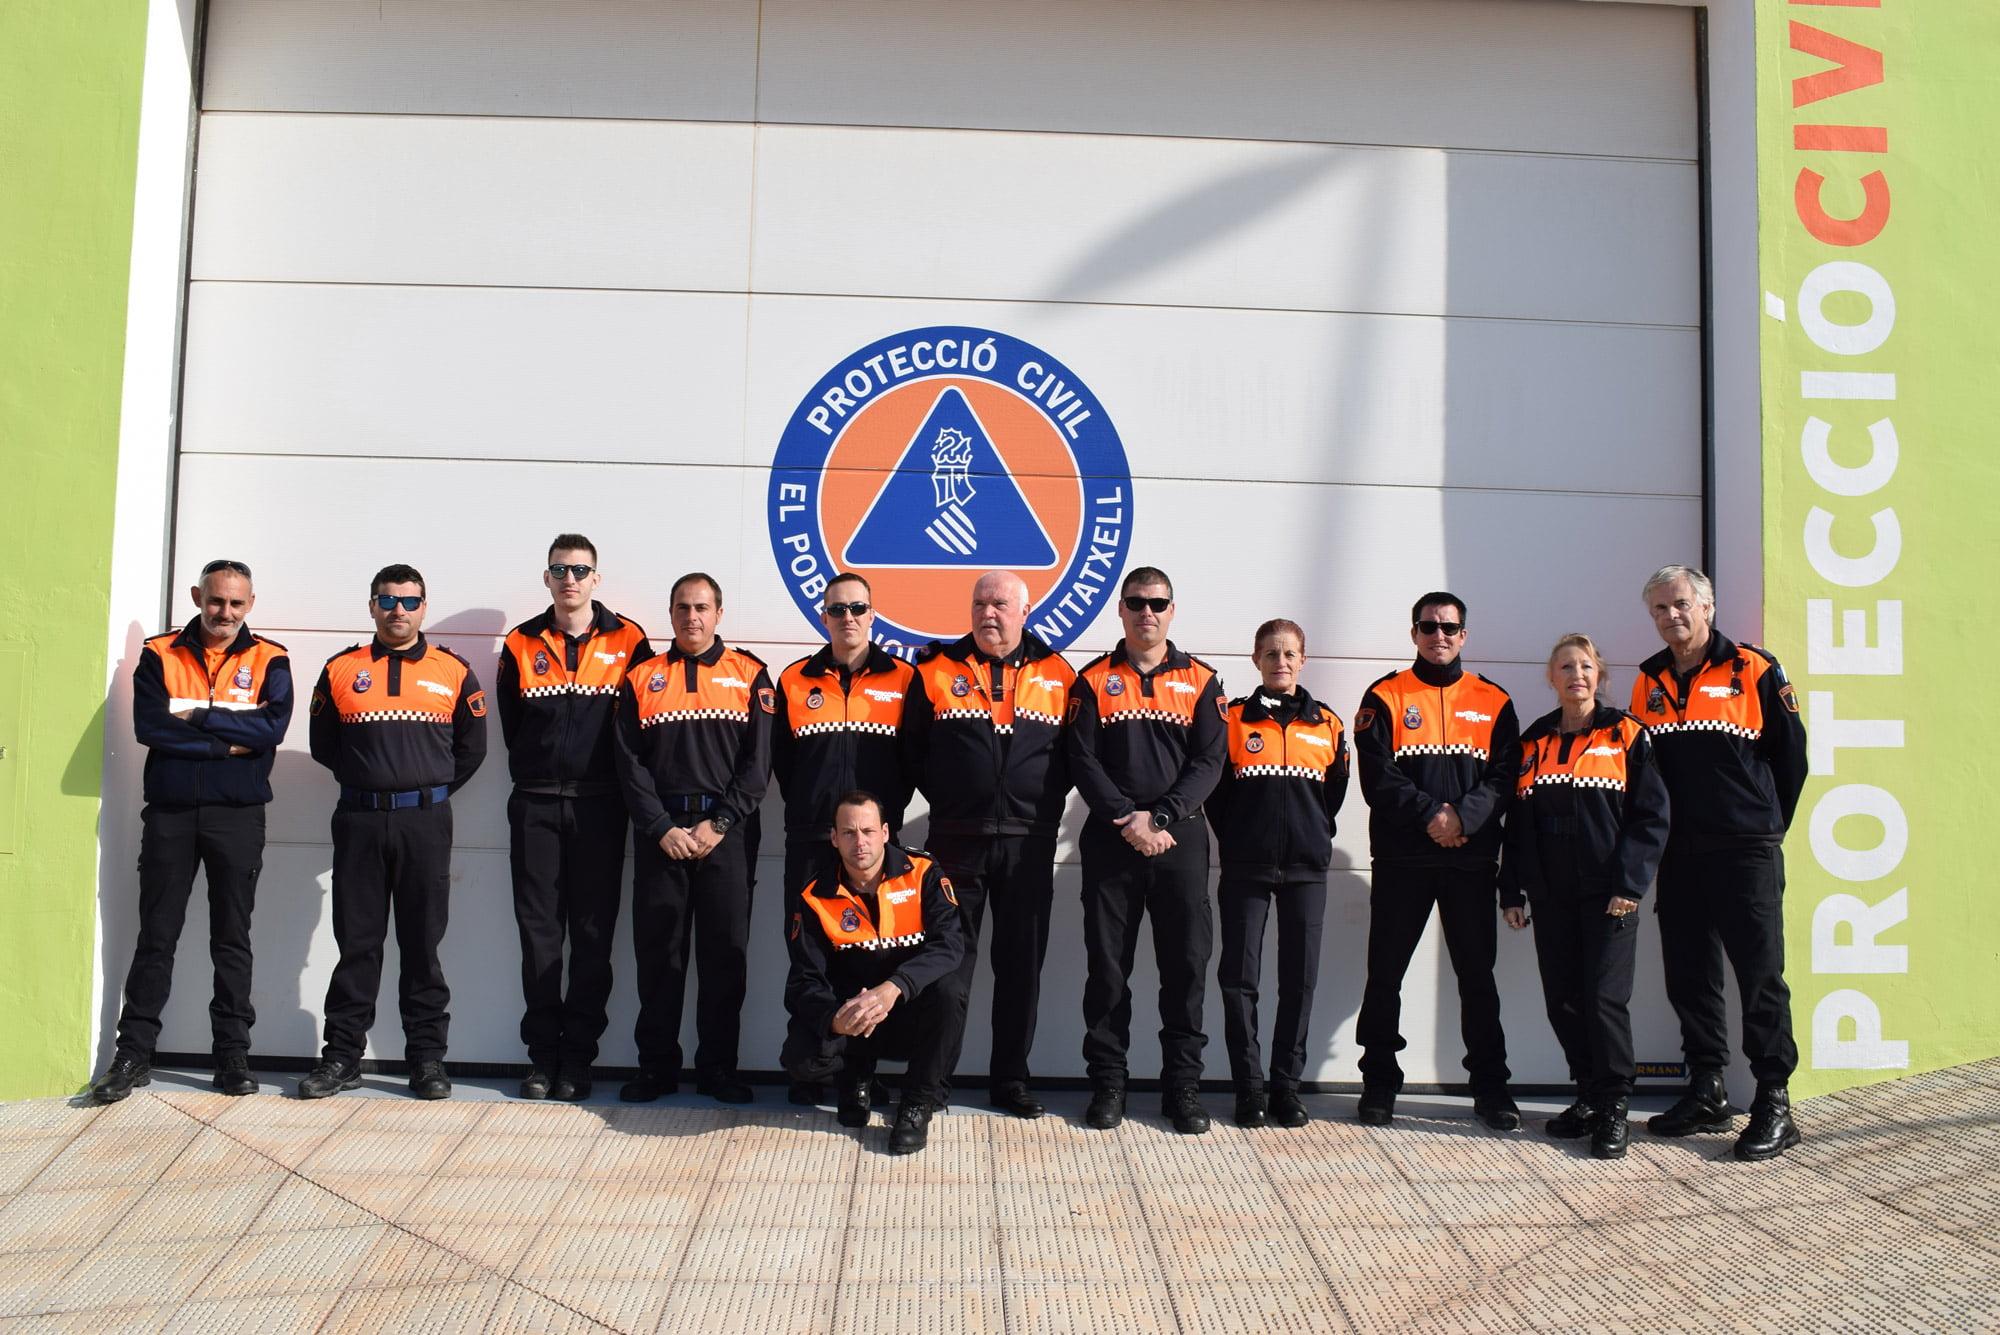 Voluntario de Protección Civil de El Poble Nou de Benitatxell